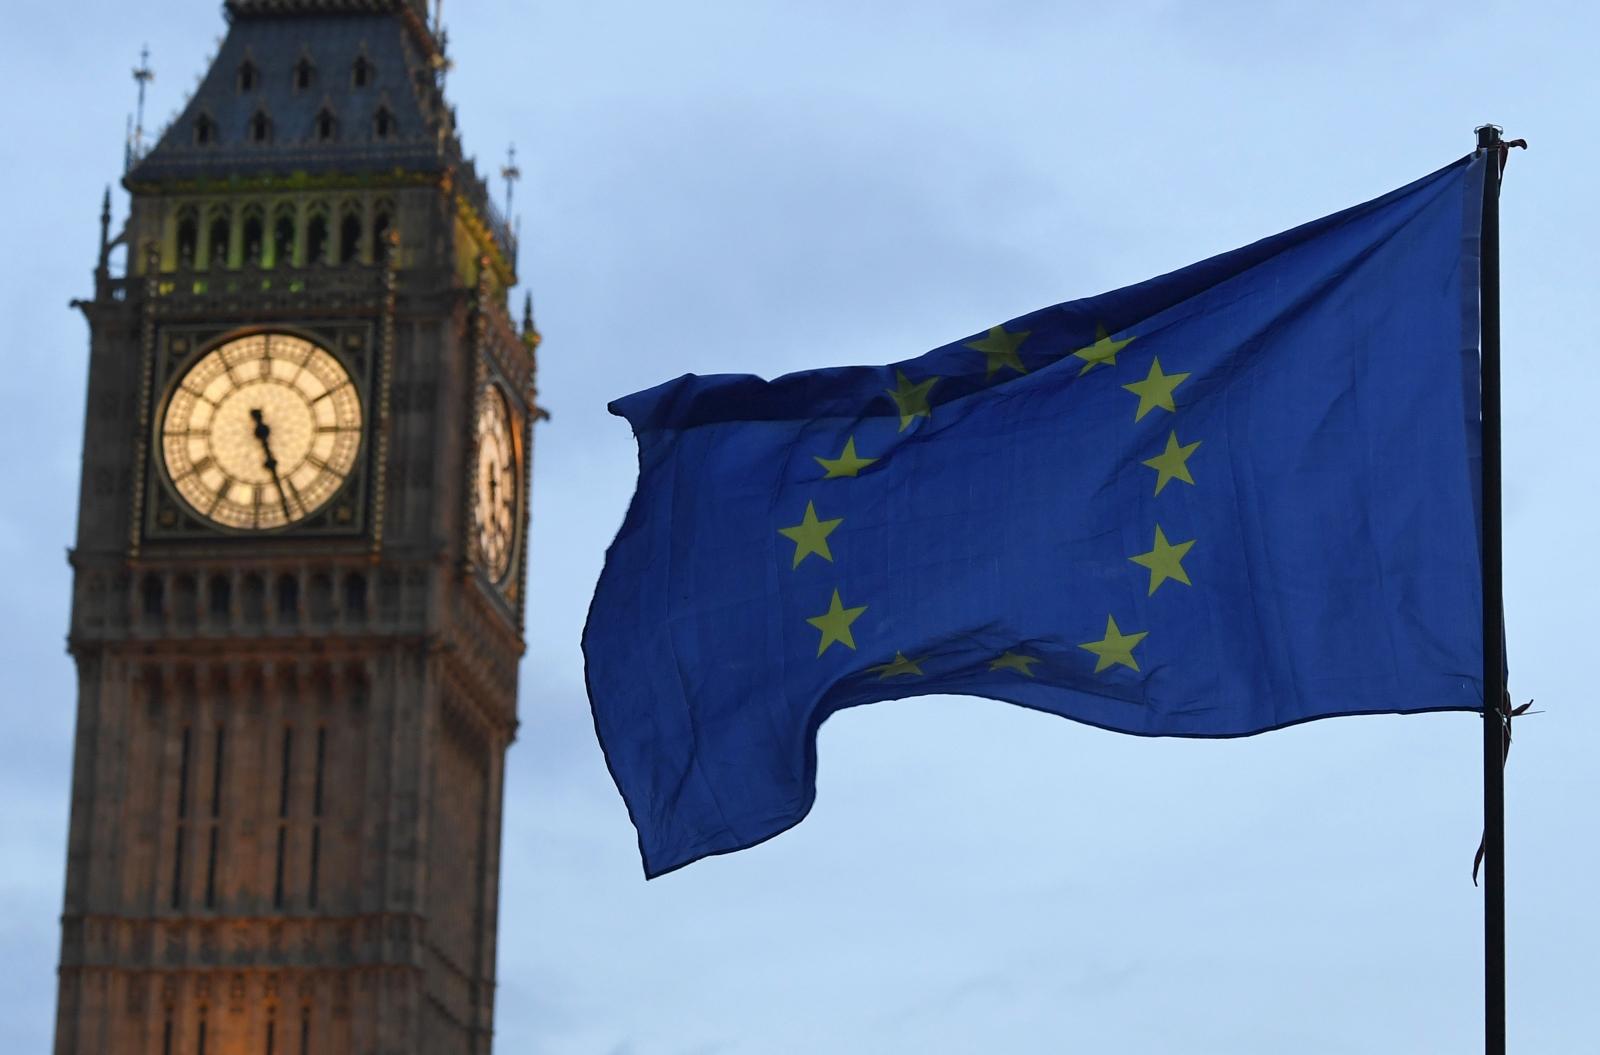 European flag big ben